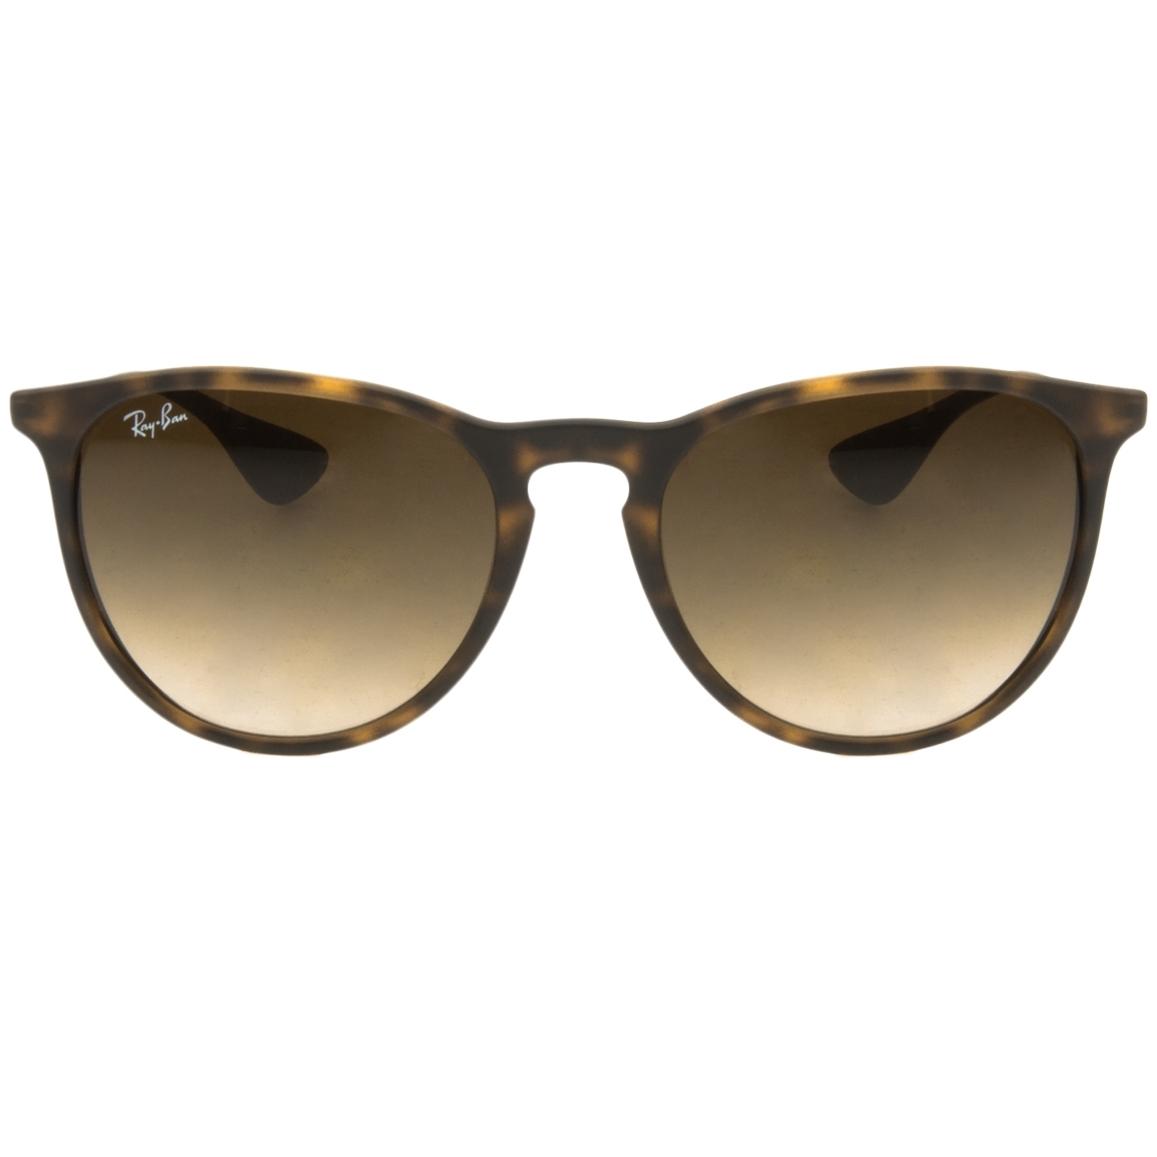 fa081c667d91f Óculos Ray Ban Erika 4171 - Modelo Feminino com Armação Marron Tartaruga e  Lentes em Policarbonato Fumê Degradê